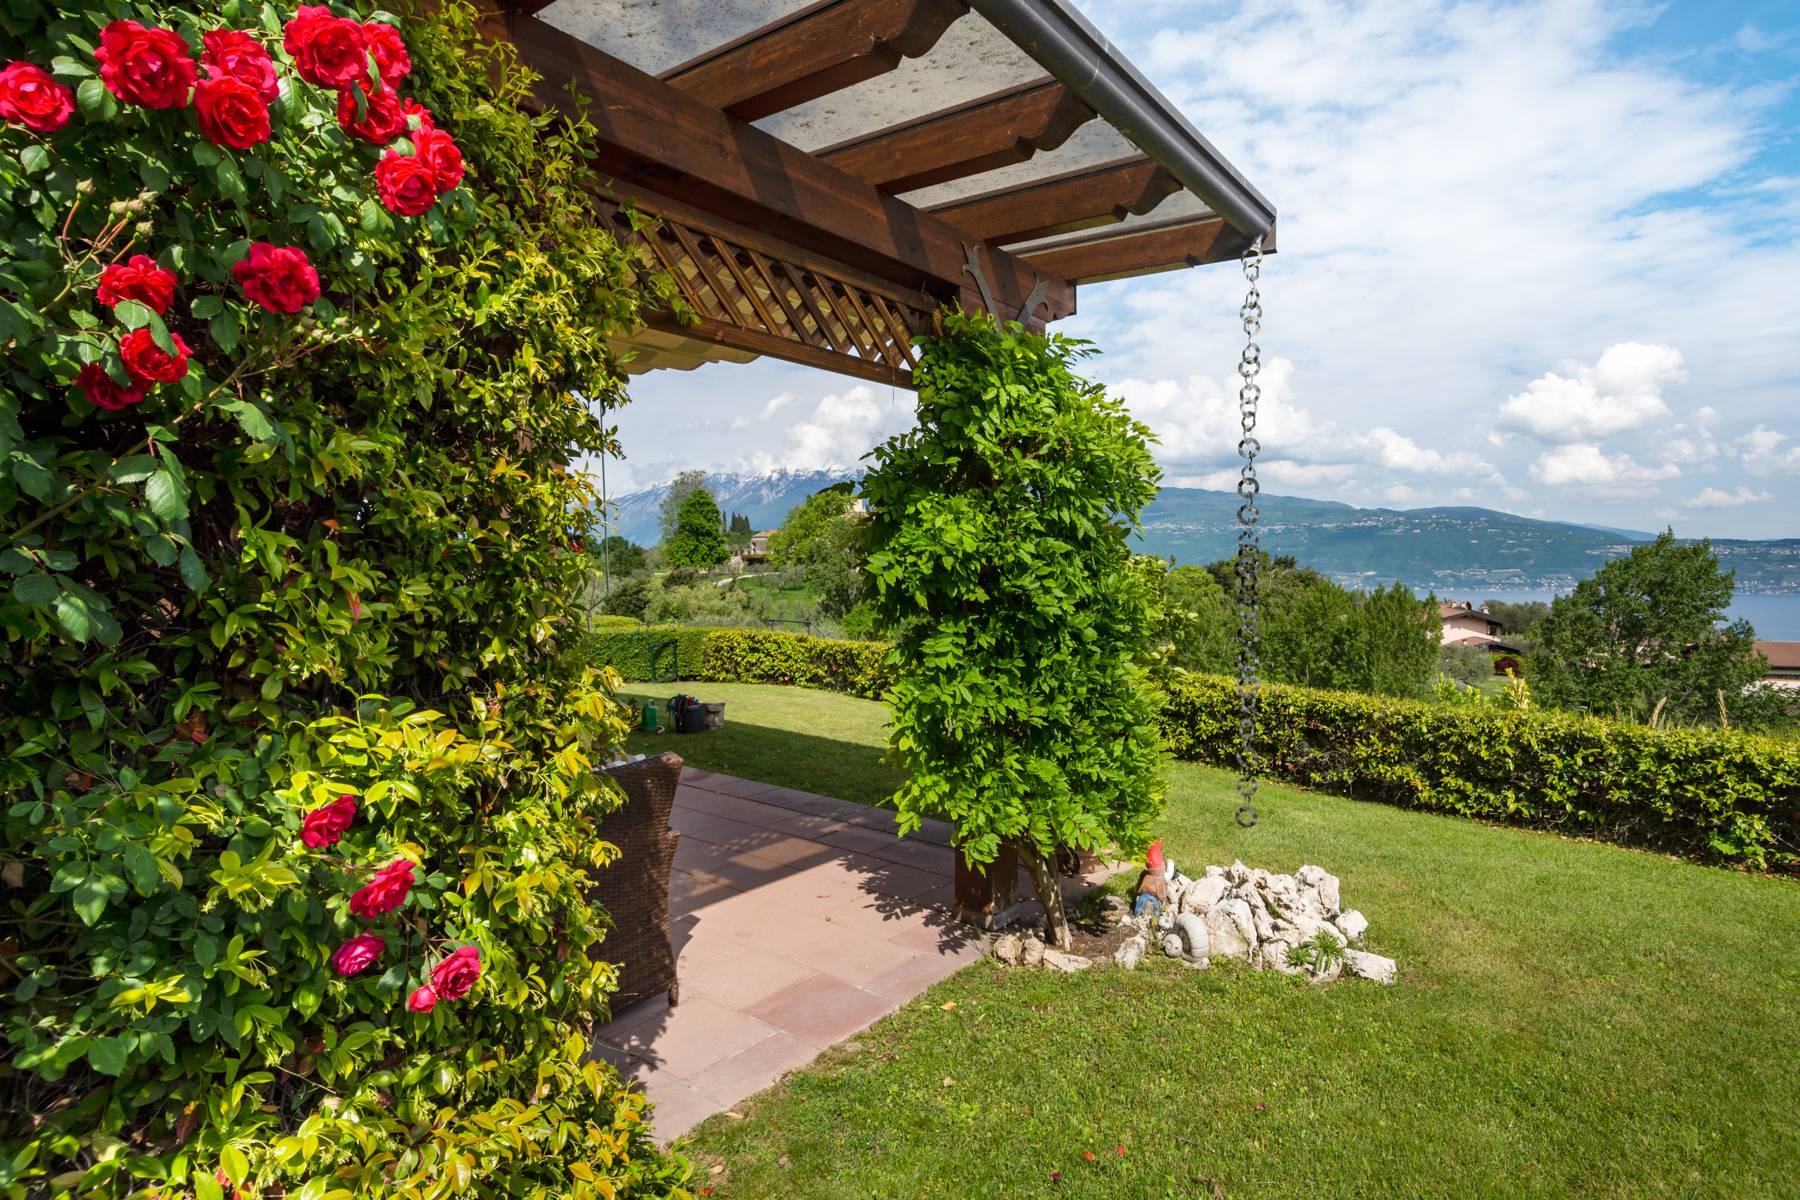 Casa indipendente in Vendita a Toscolano-Maderno: 4 locali, 76 mq - Foto 22